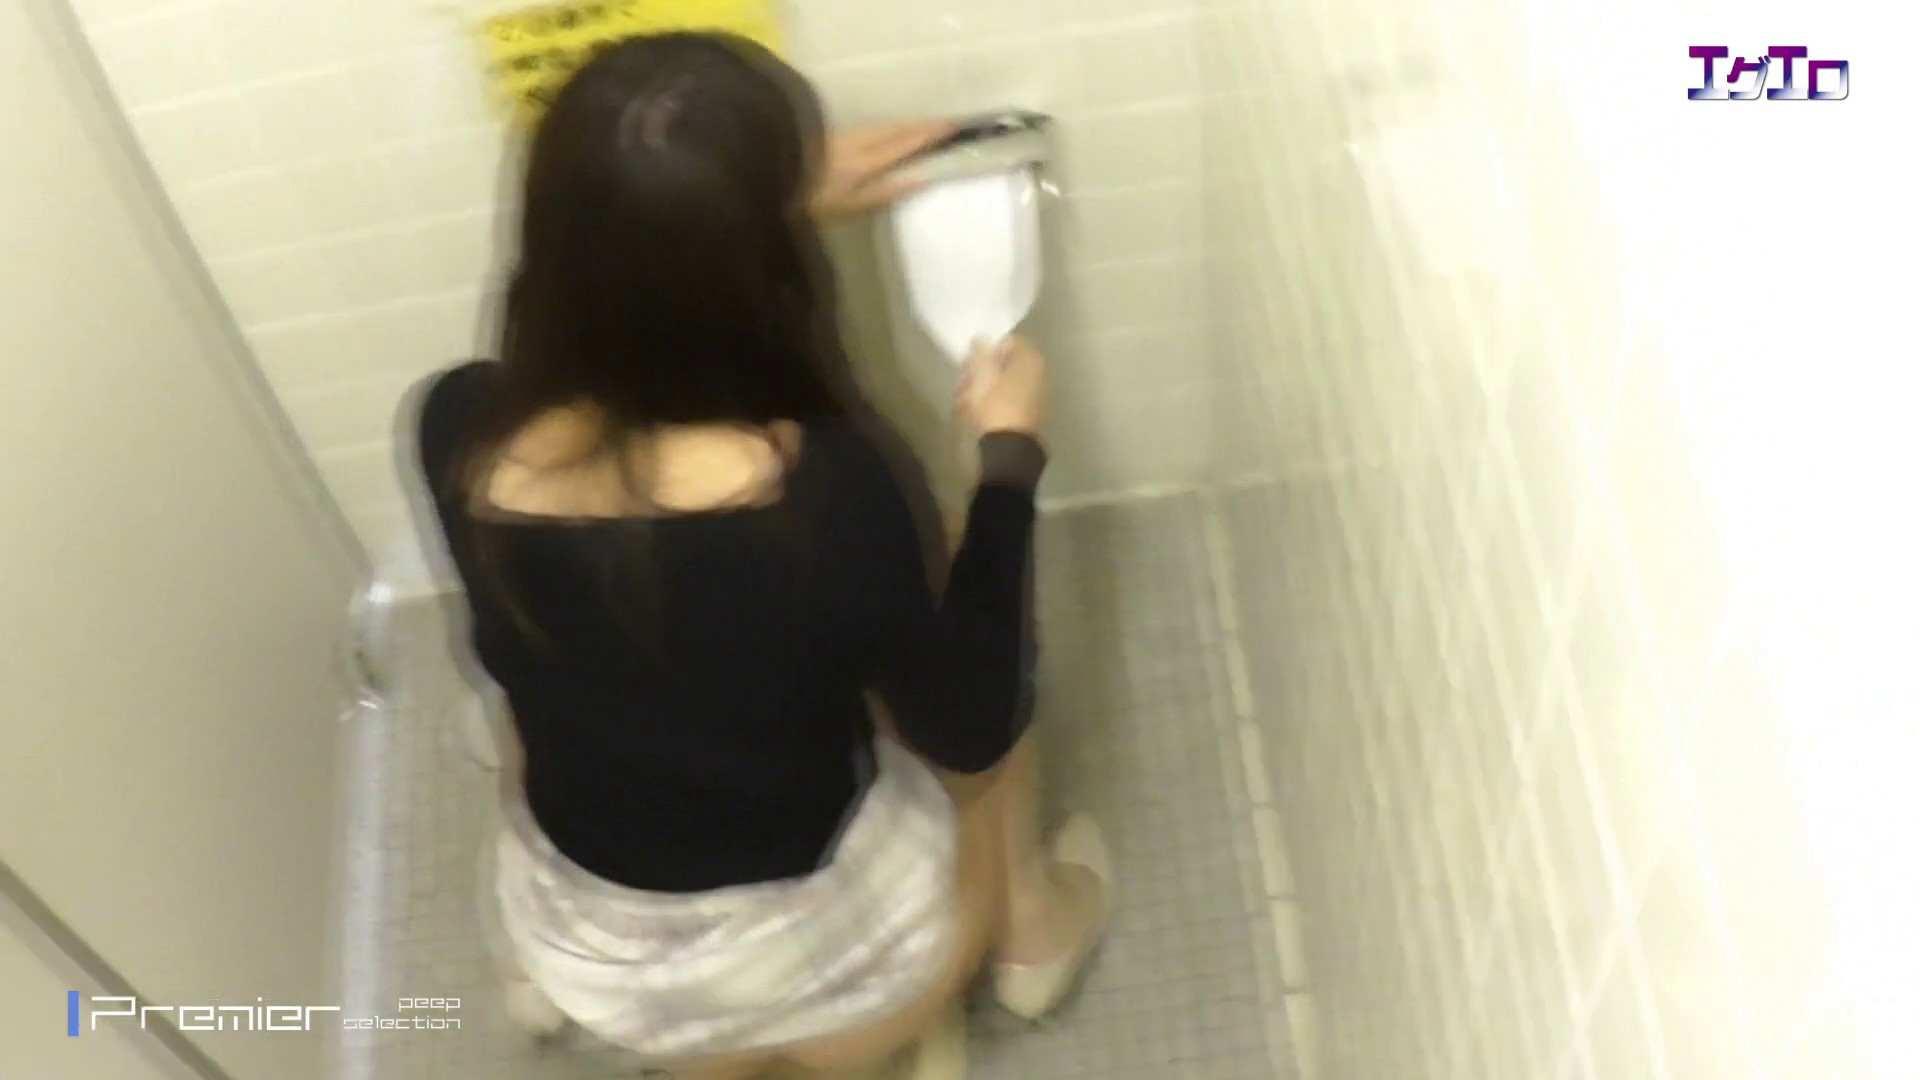 執念の撮影&追撮!!某女子校の通学路にあるトイレ 至近距離洗面所 Vol.16 美肌  84PIX 47